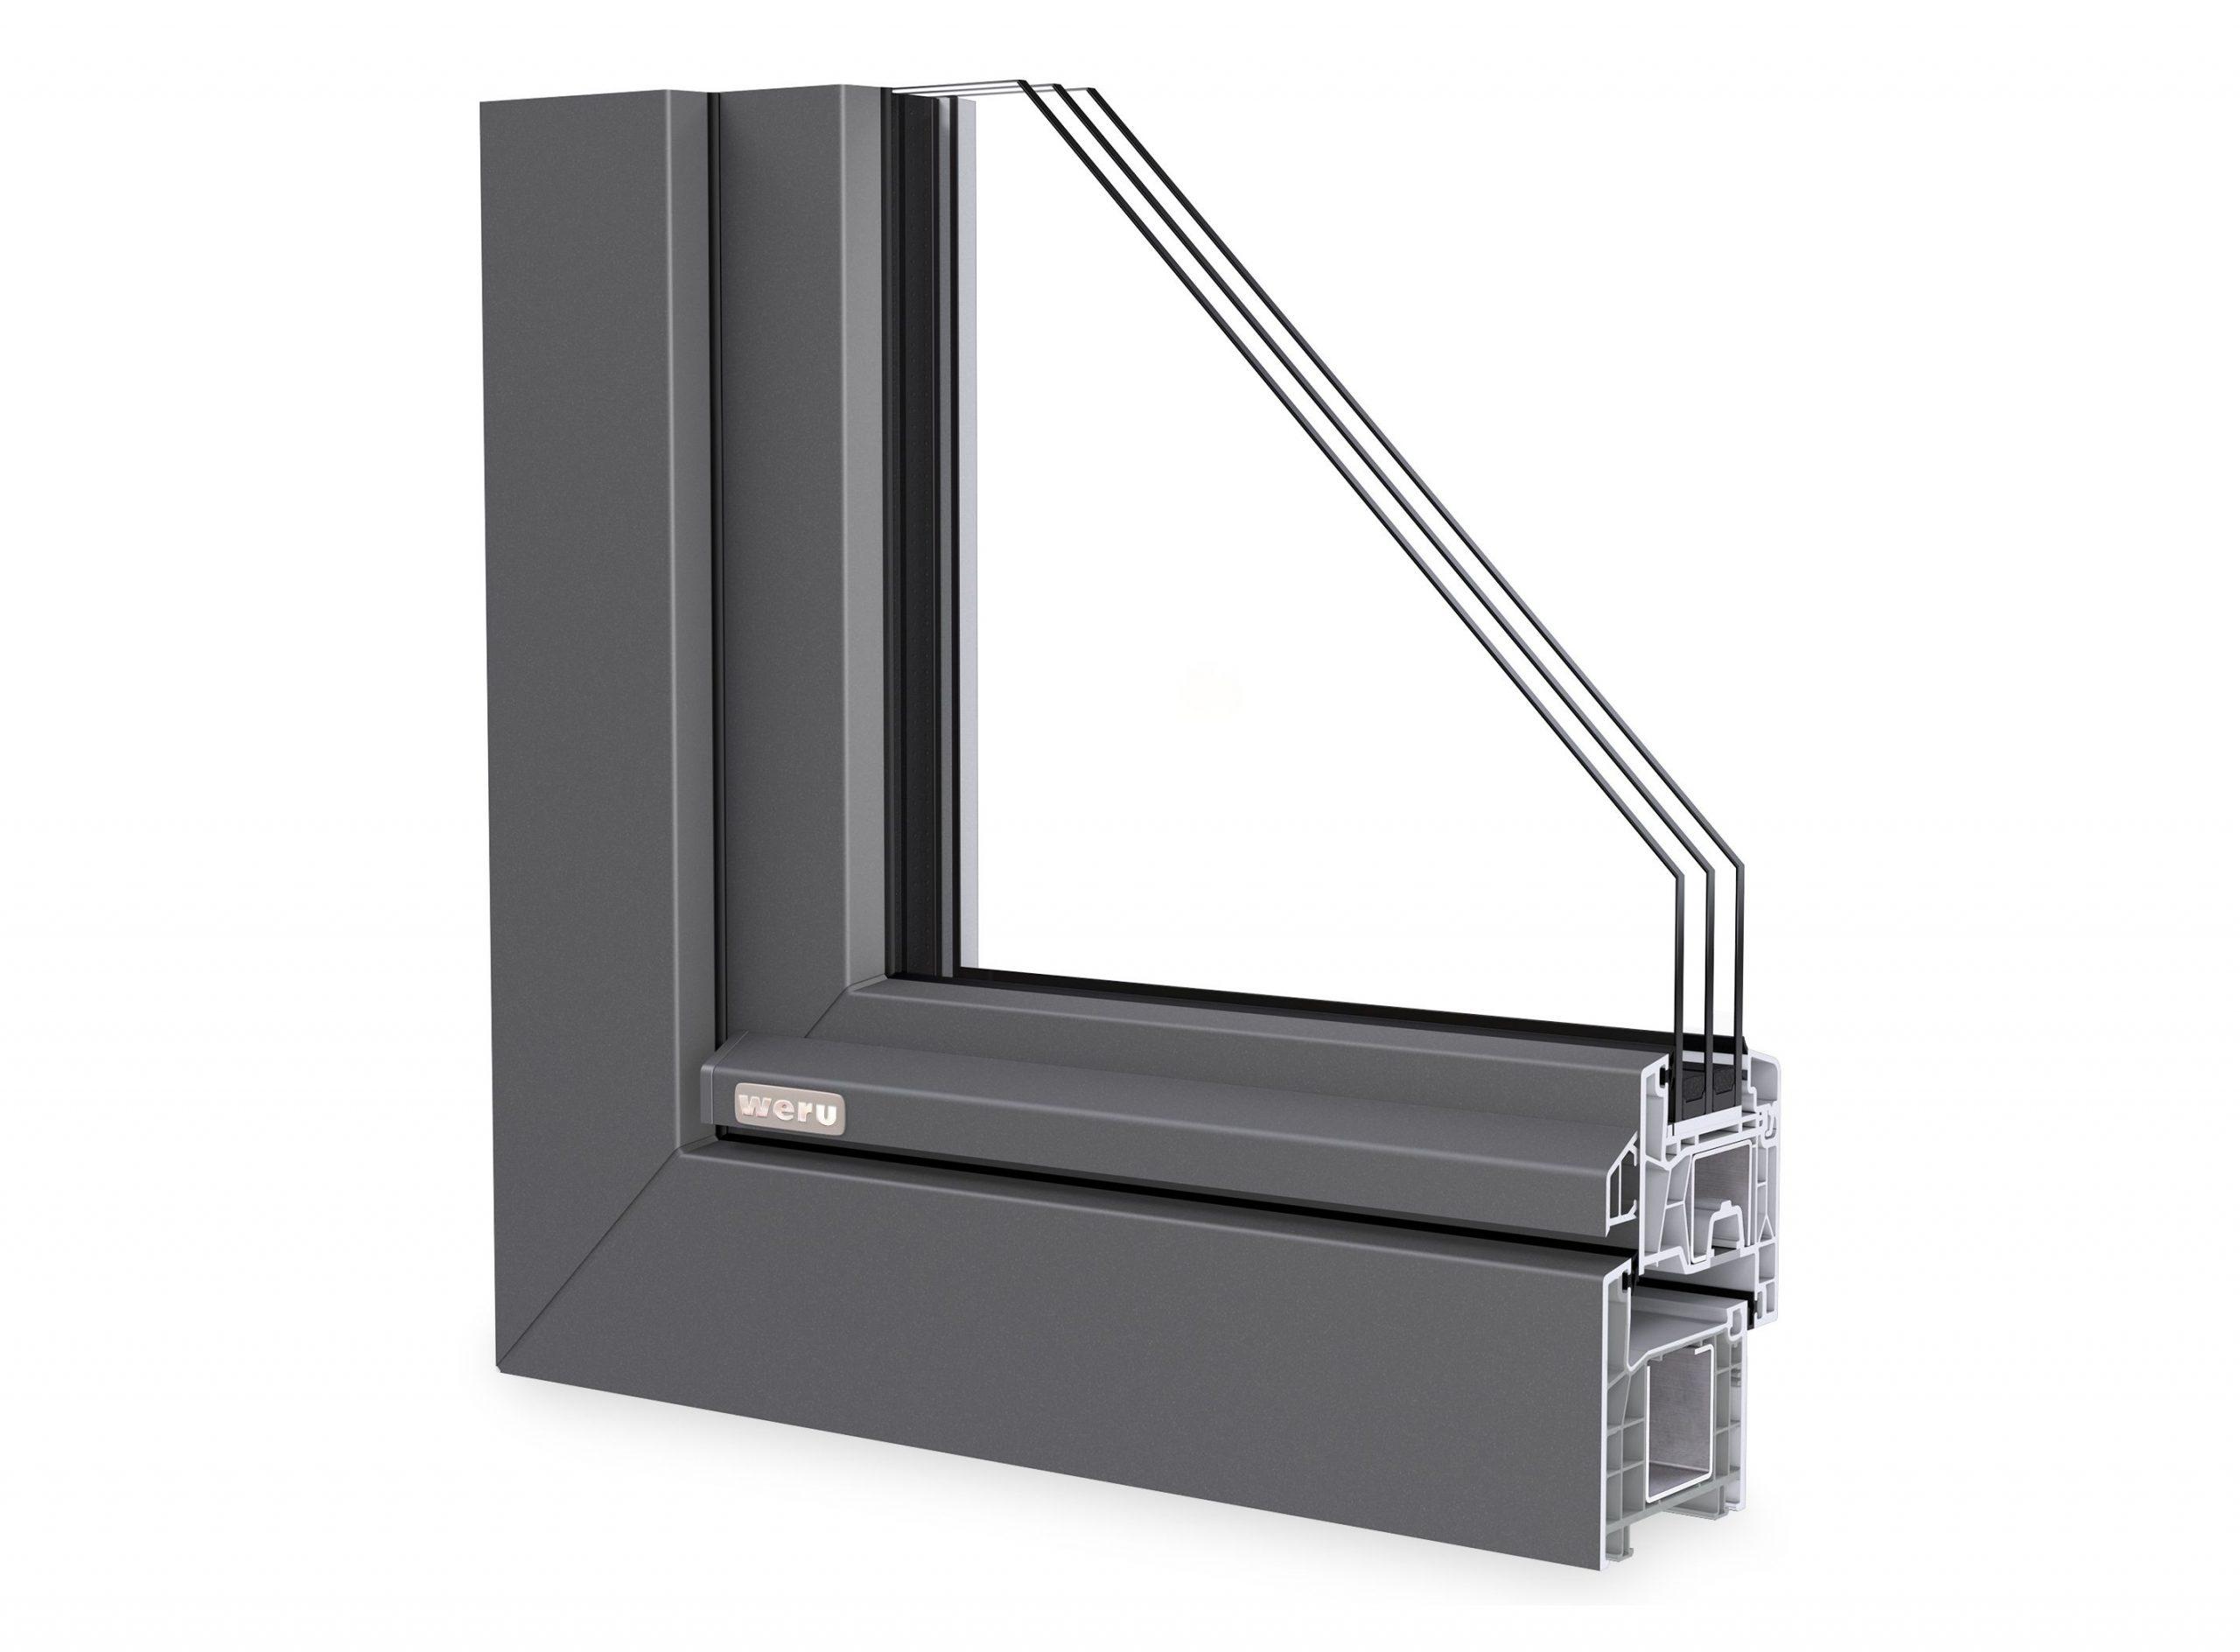 Full Size of Fenster Schüco Rahmenlose Holz Alu Salamander Einbruchsichere Sonnenschutz Innen Sichtschutz Für Konfigurieren Sicherheitsbeschläge Nachrüsten Fenster Weru Fenster